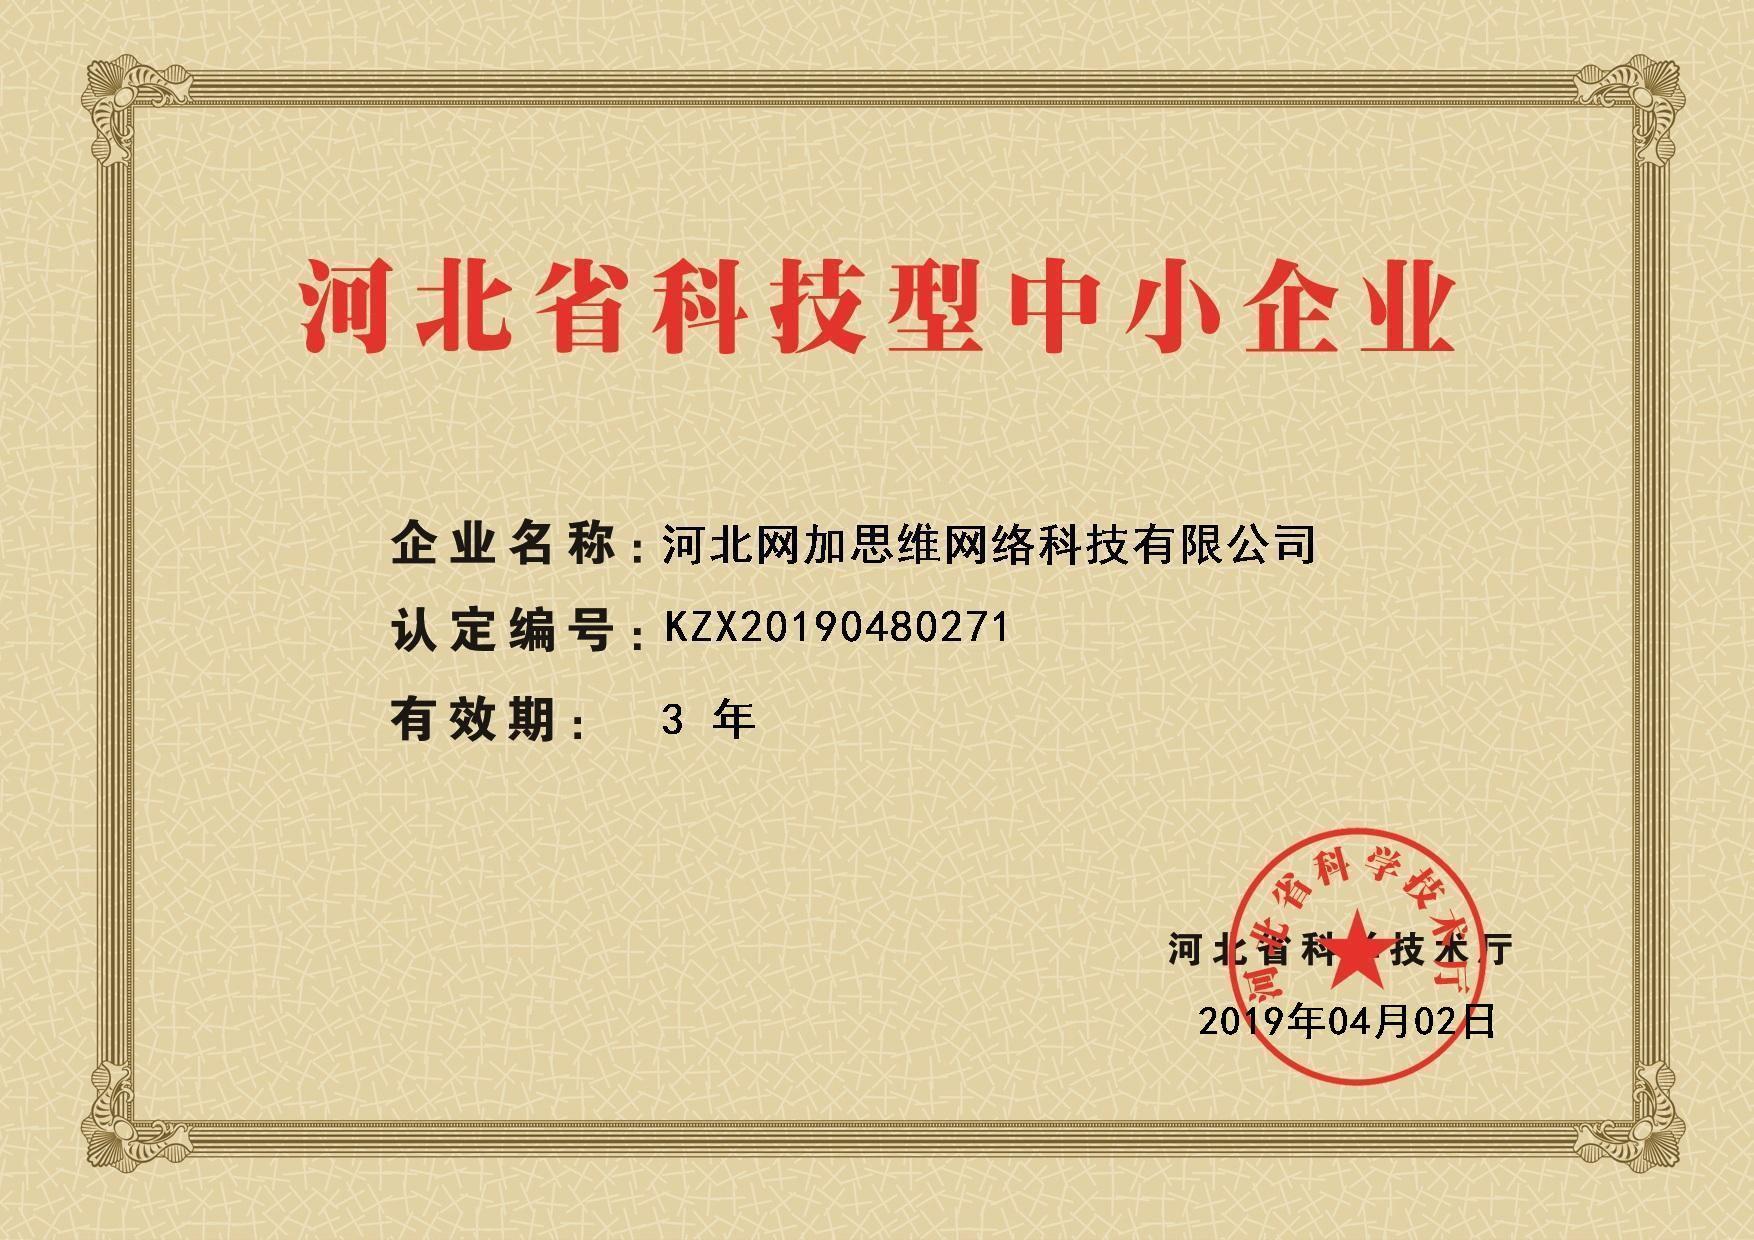 """祝贺网加思维获得""""河北省科技型中小企业""""认证称号"""